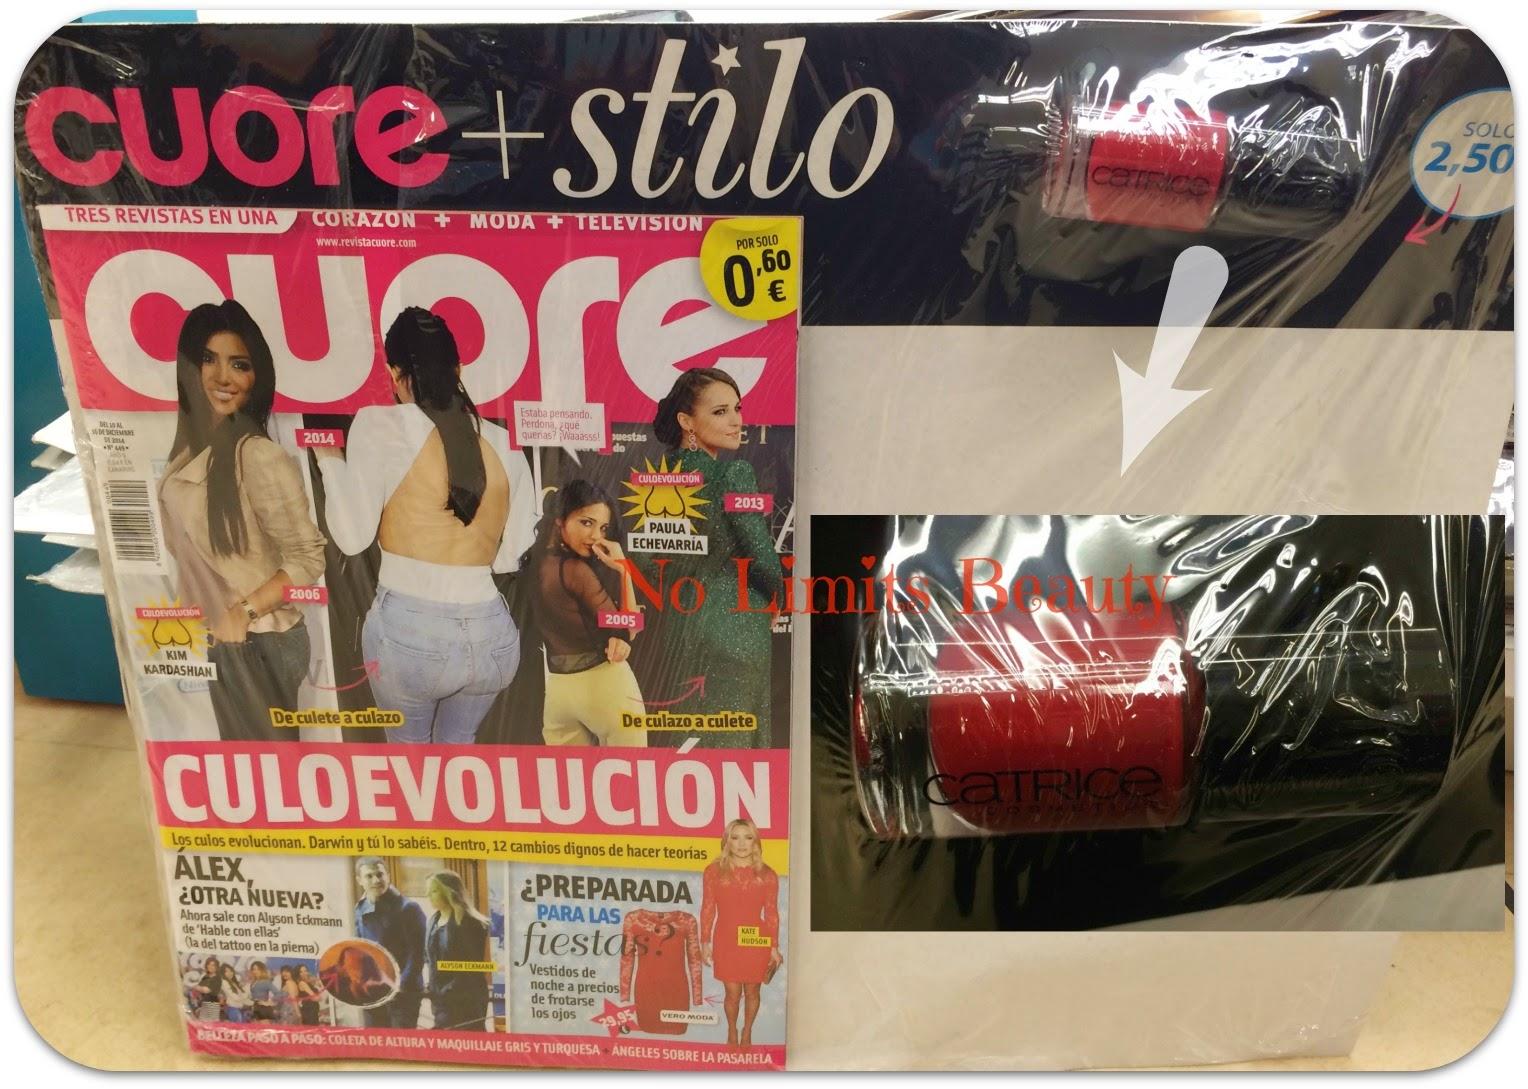 Regalos revistas Enero 2015: Cuore